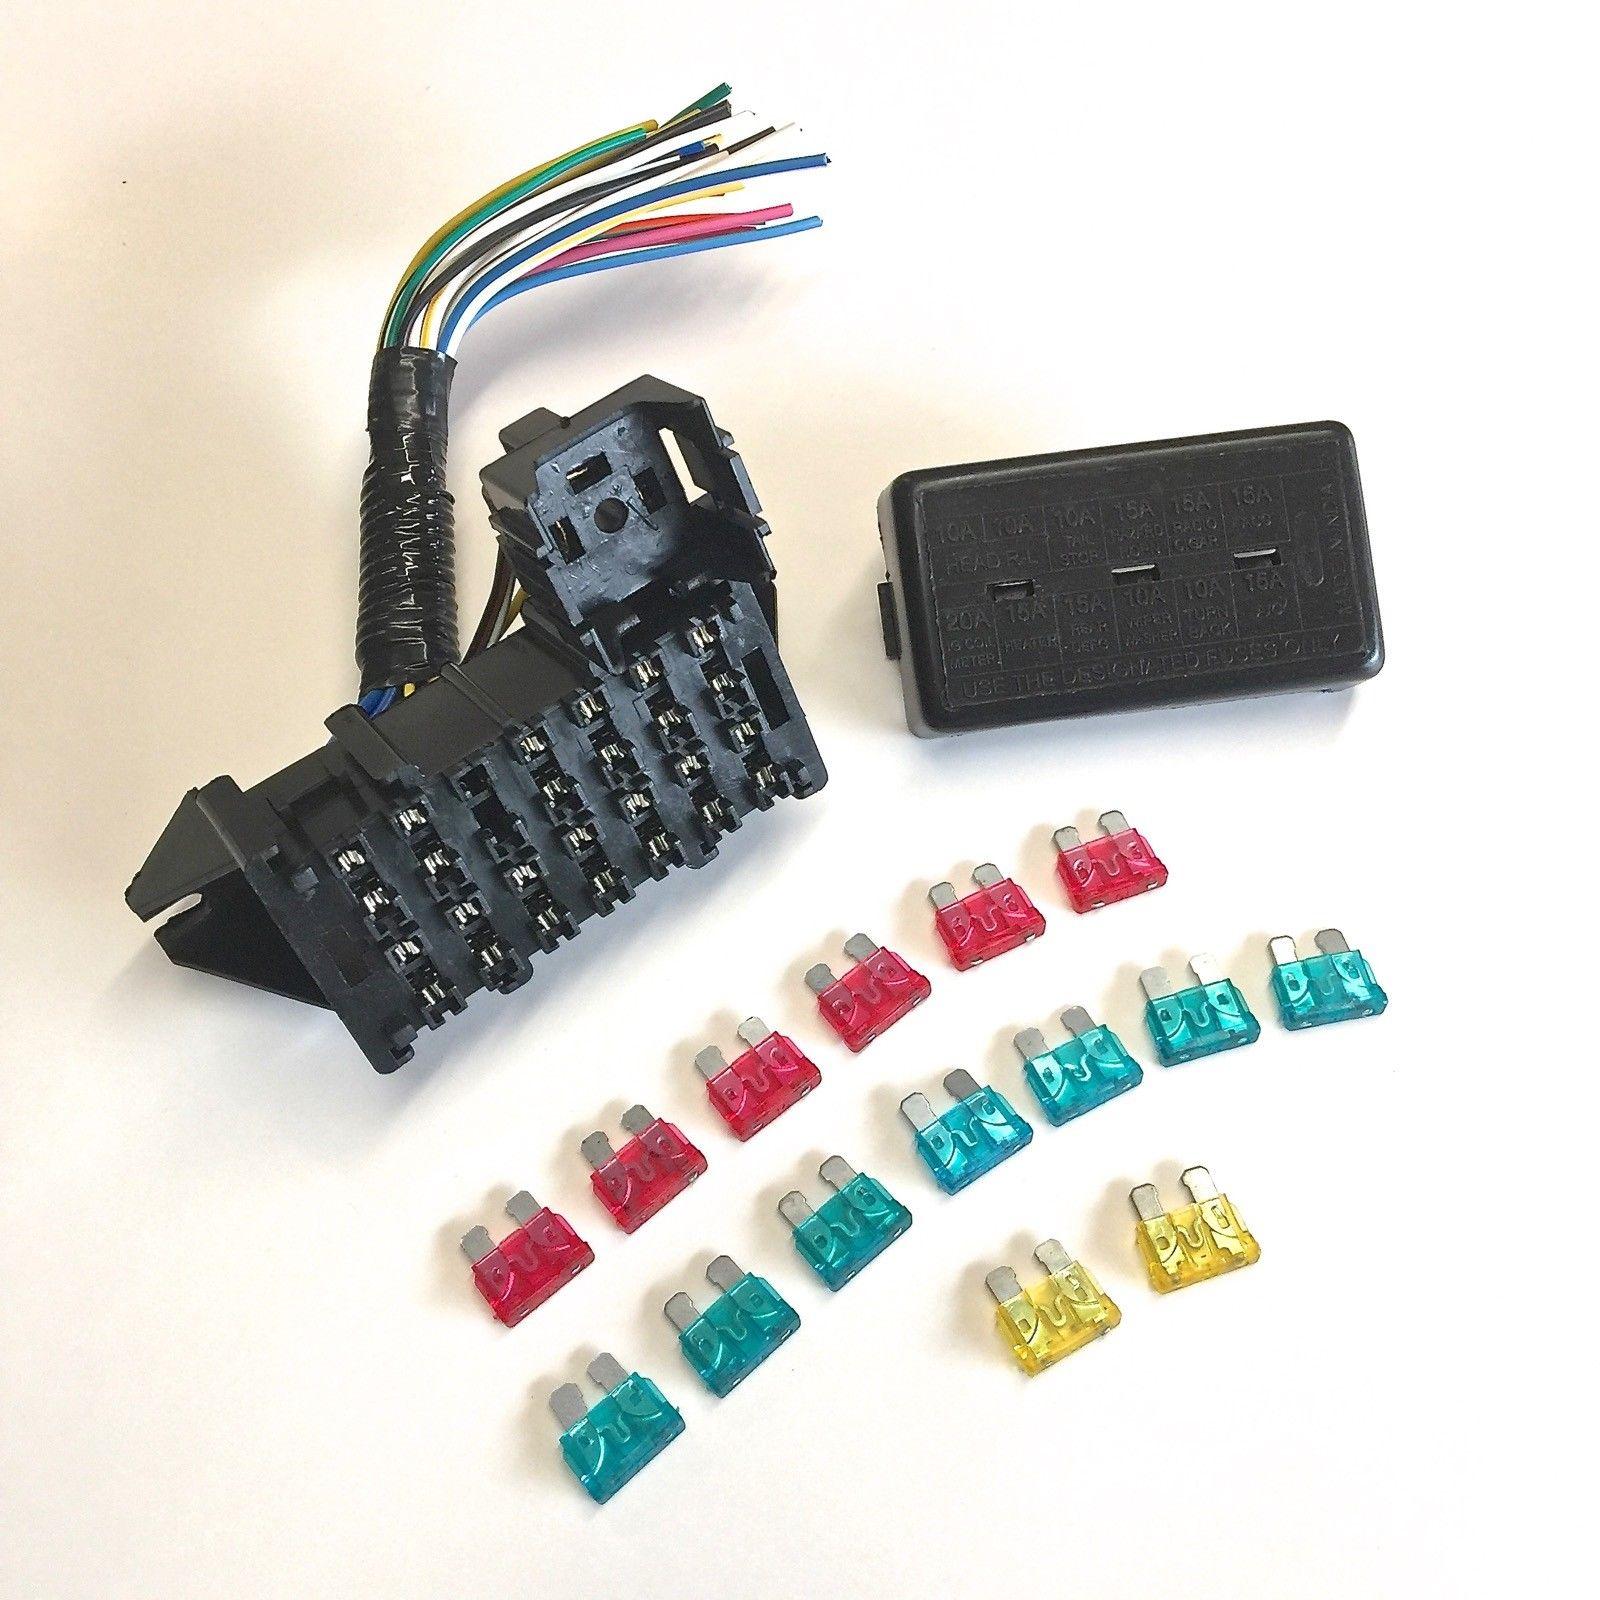 Main Fuse Box W   Wire Pigtail - Samurai 85 U0026 39 -95 U0026 39